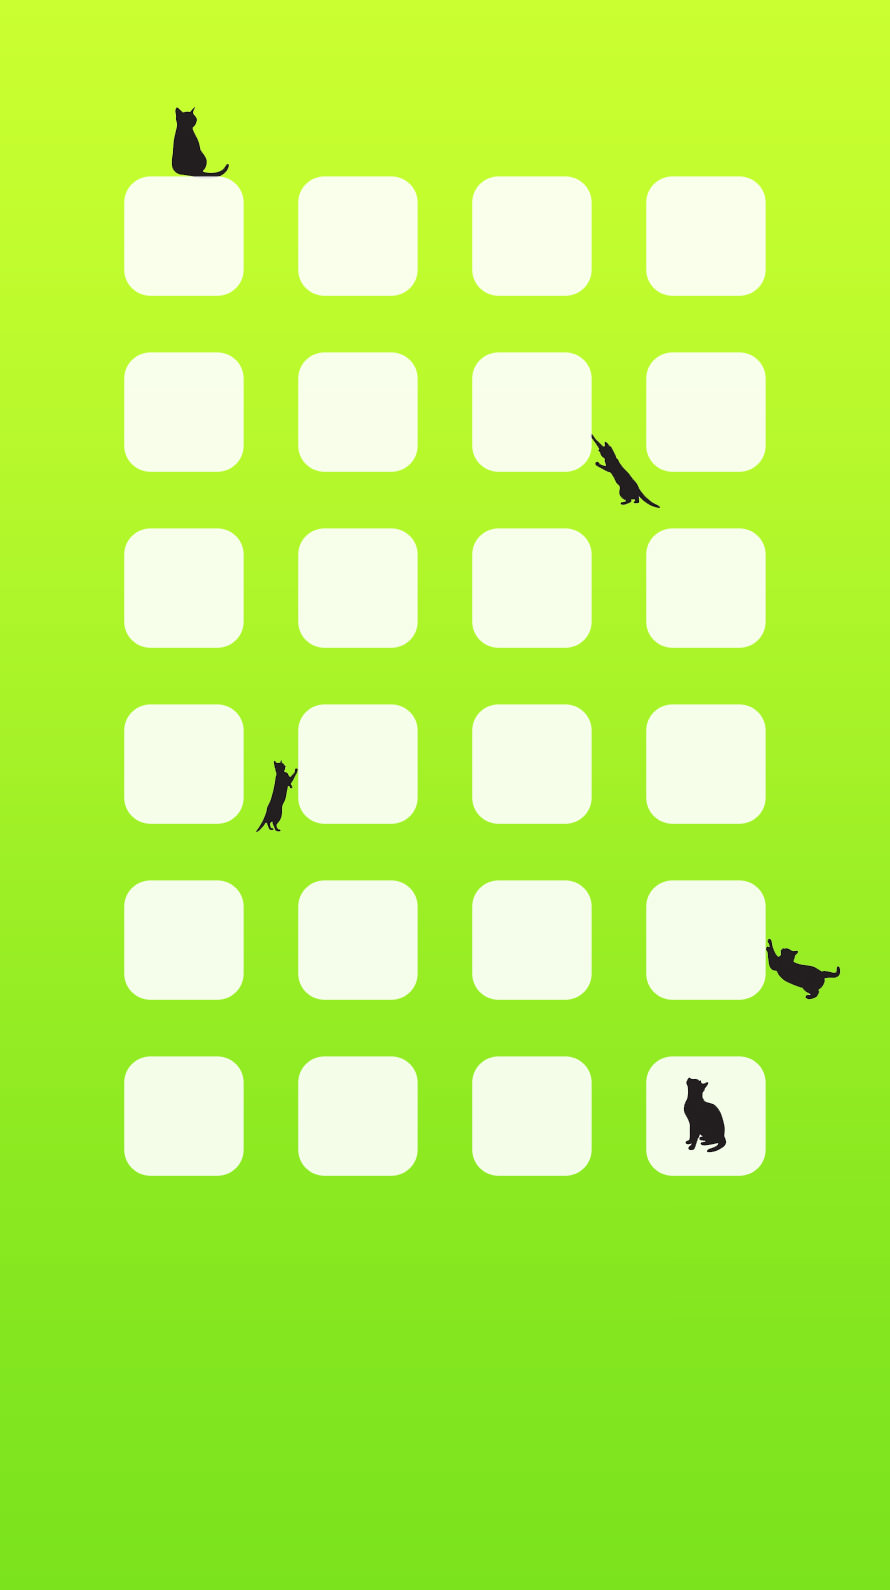 イラスト棚猫緑. iPhone 6s / iPhone 6 壁紙